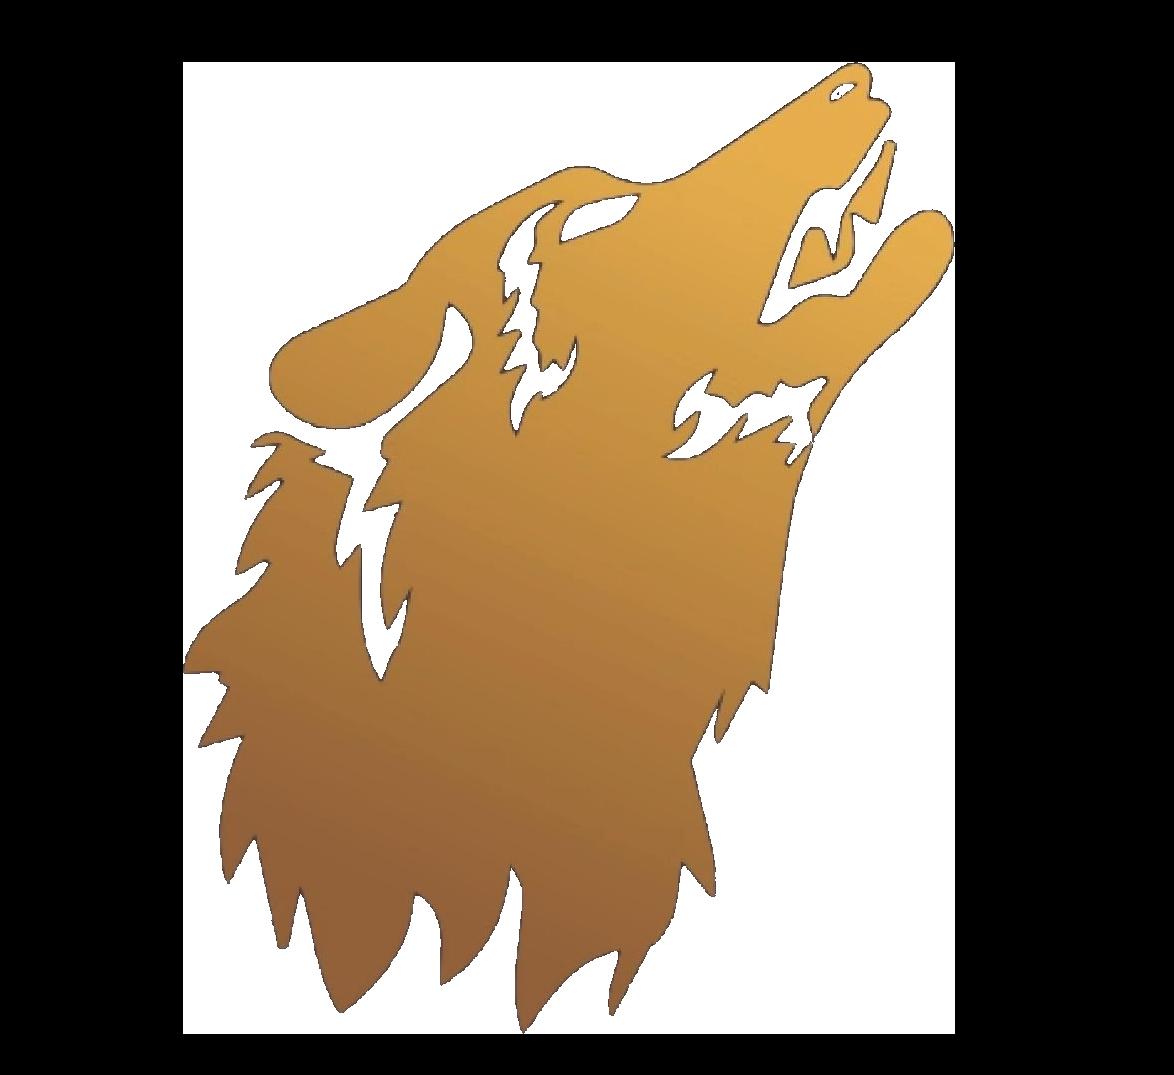 wolf-whistle-logo